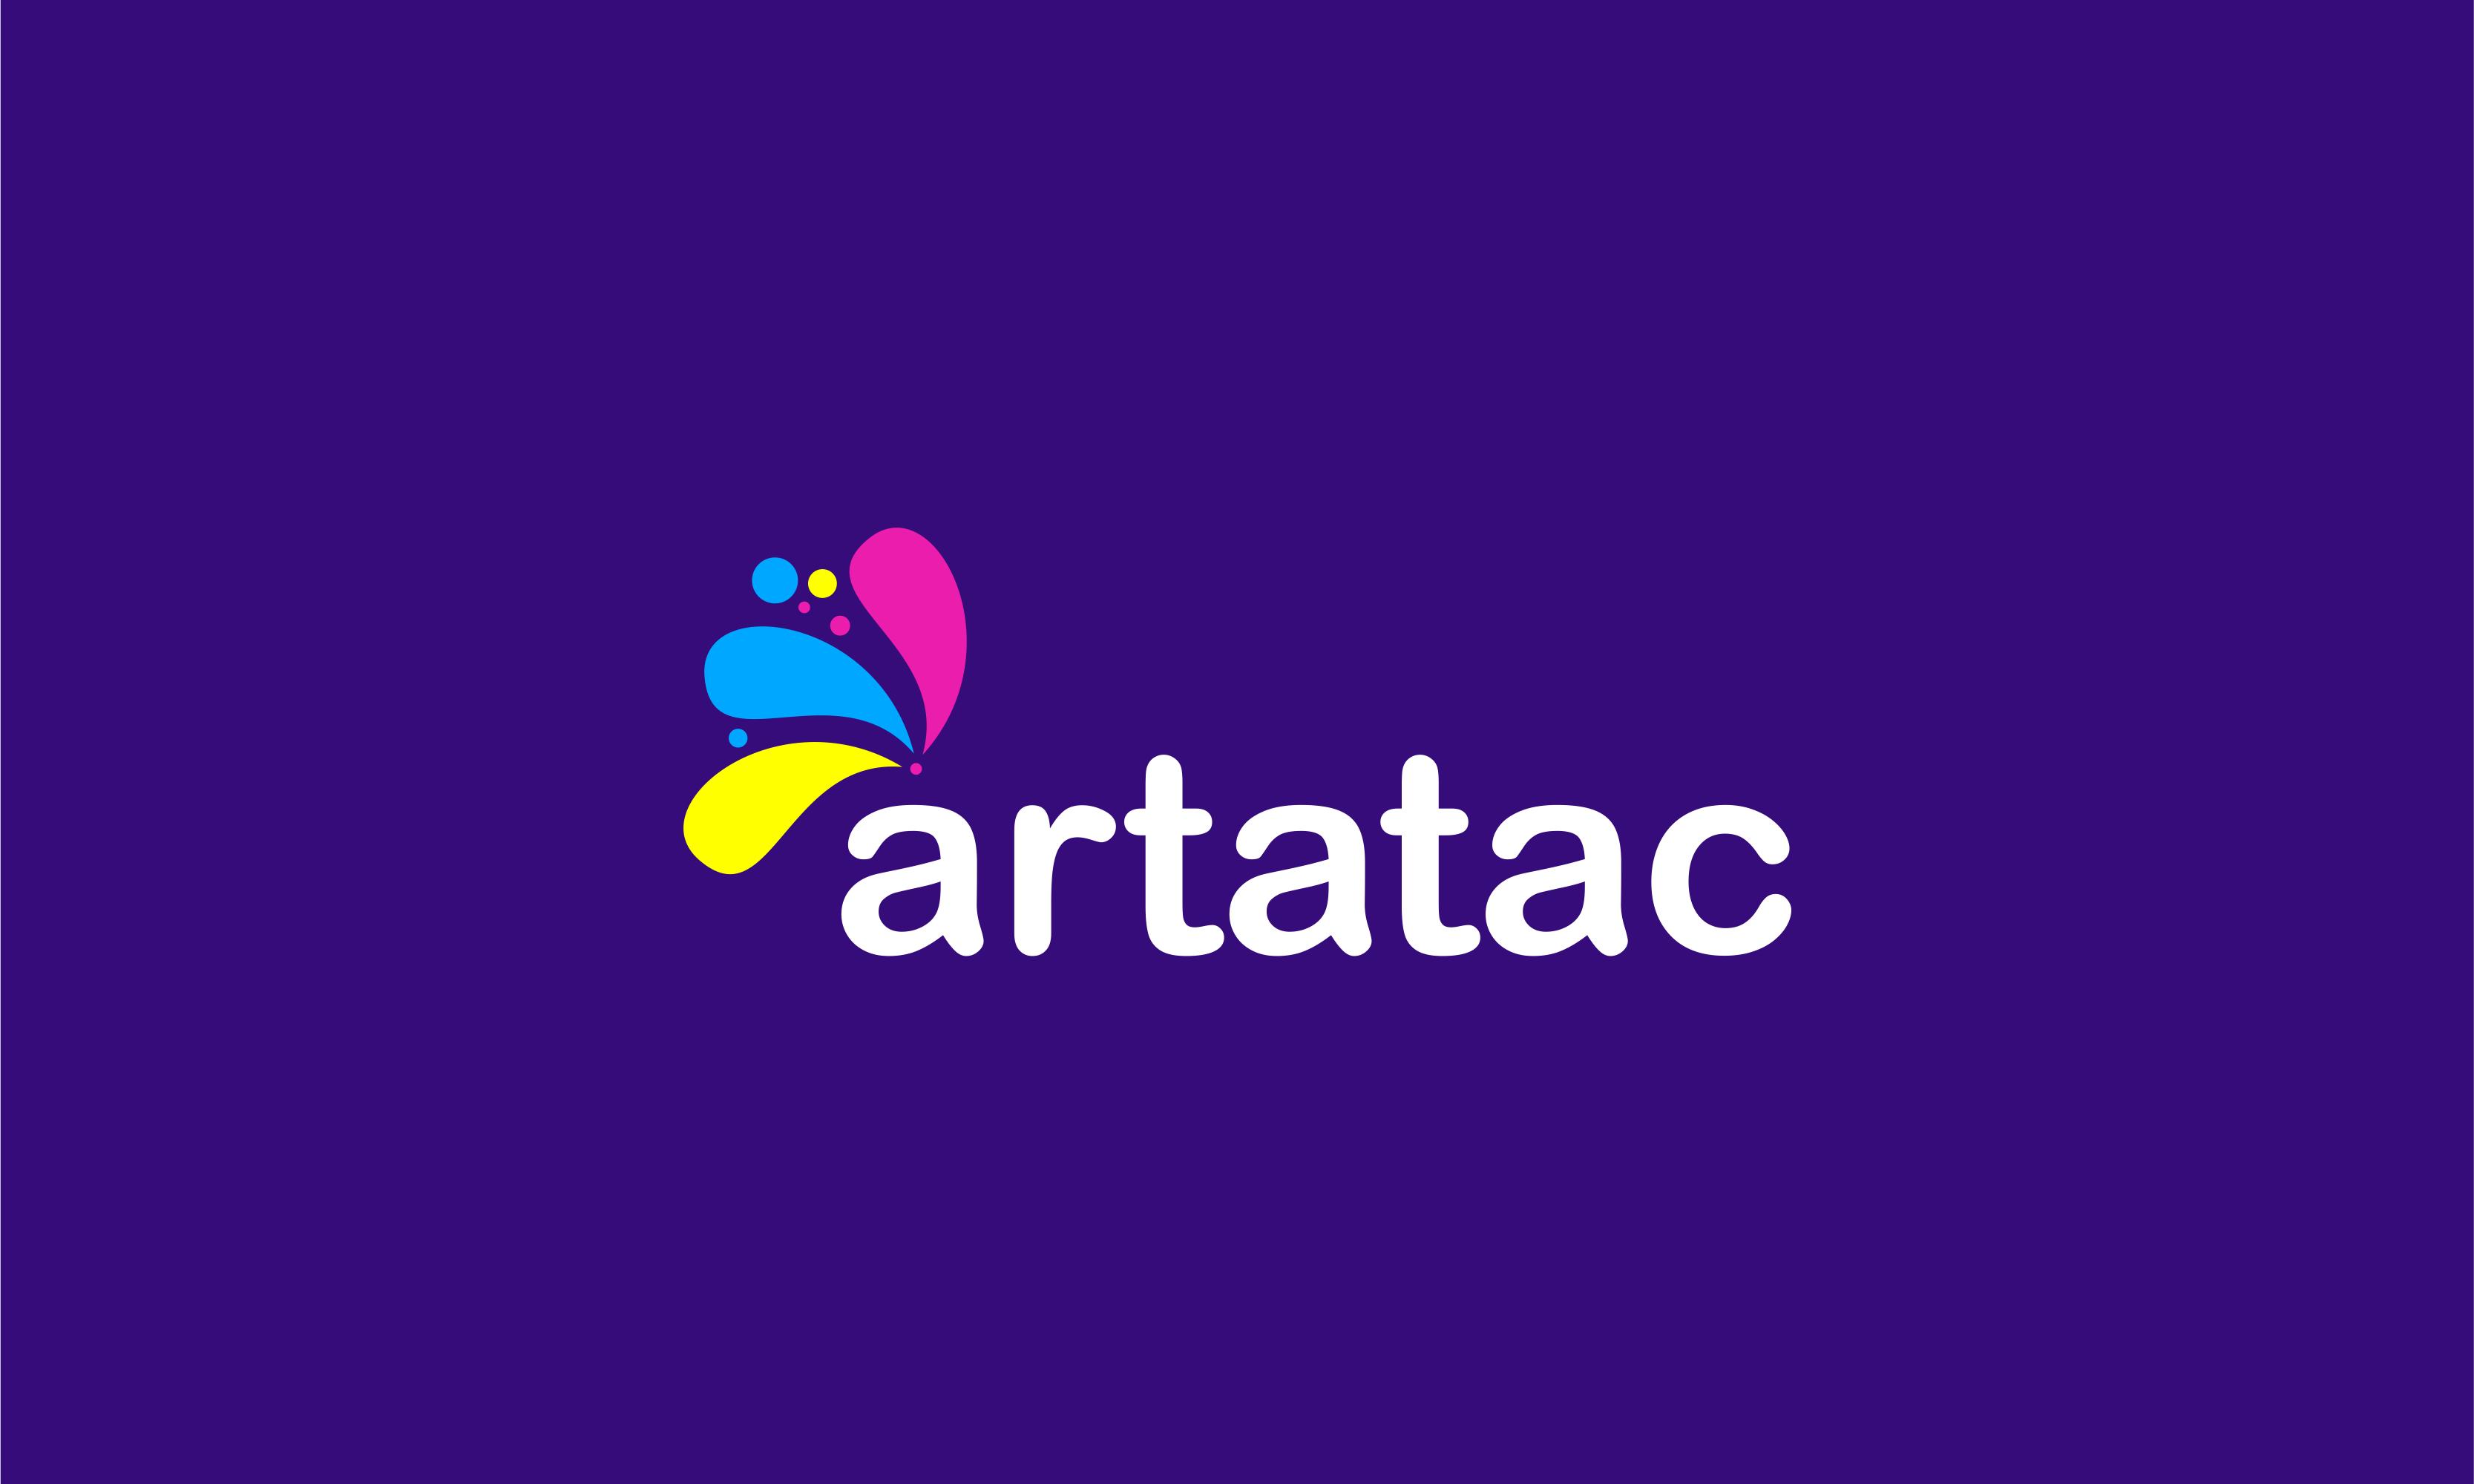 Artatac